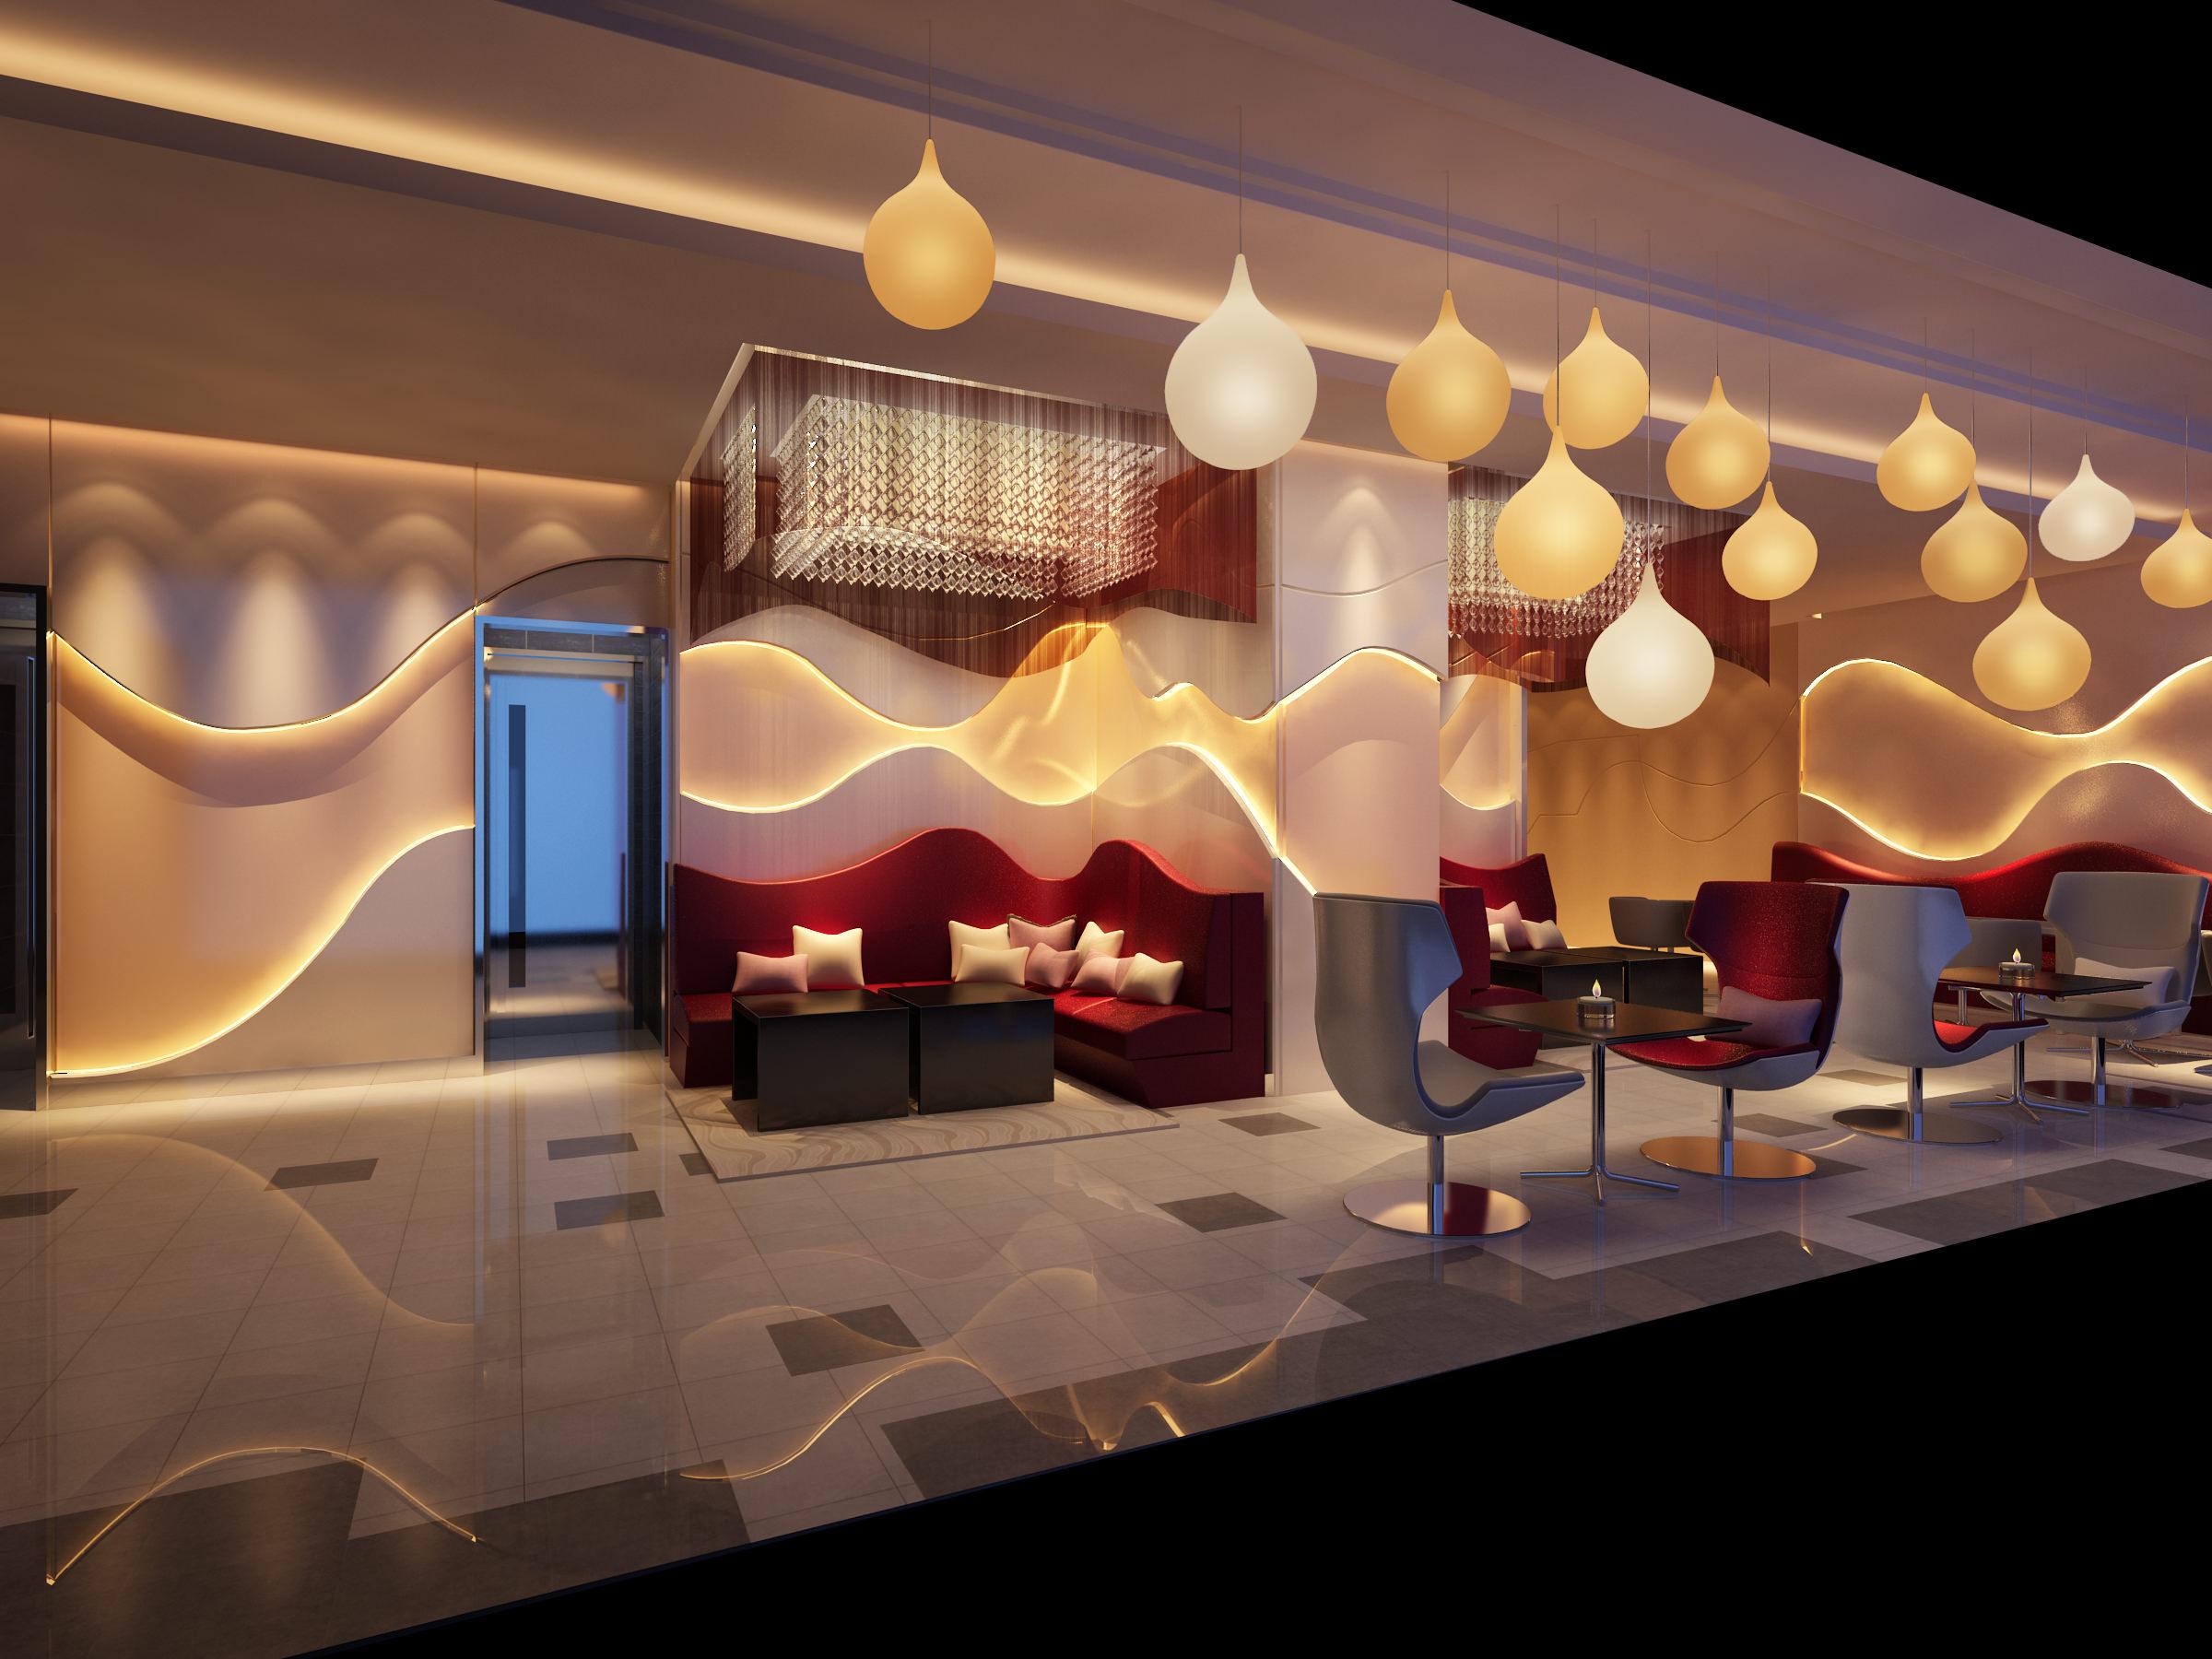 ritzy cafe interior 3d model max 1 - 3d Max Interior Design Models